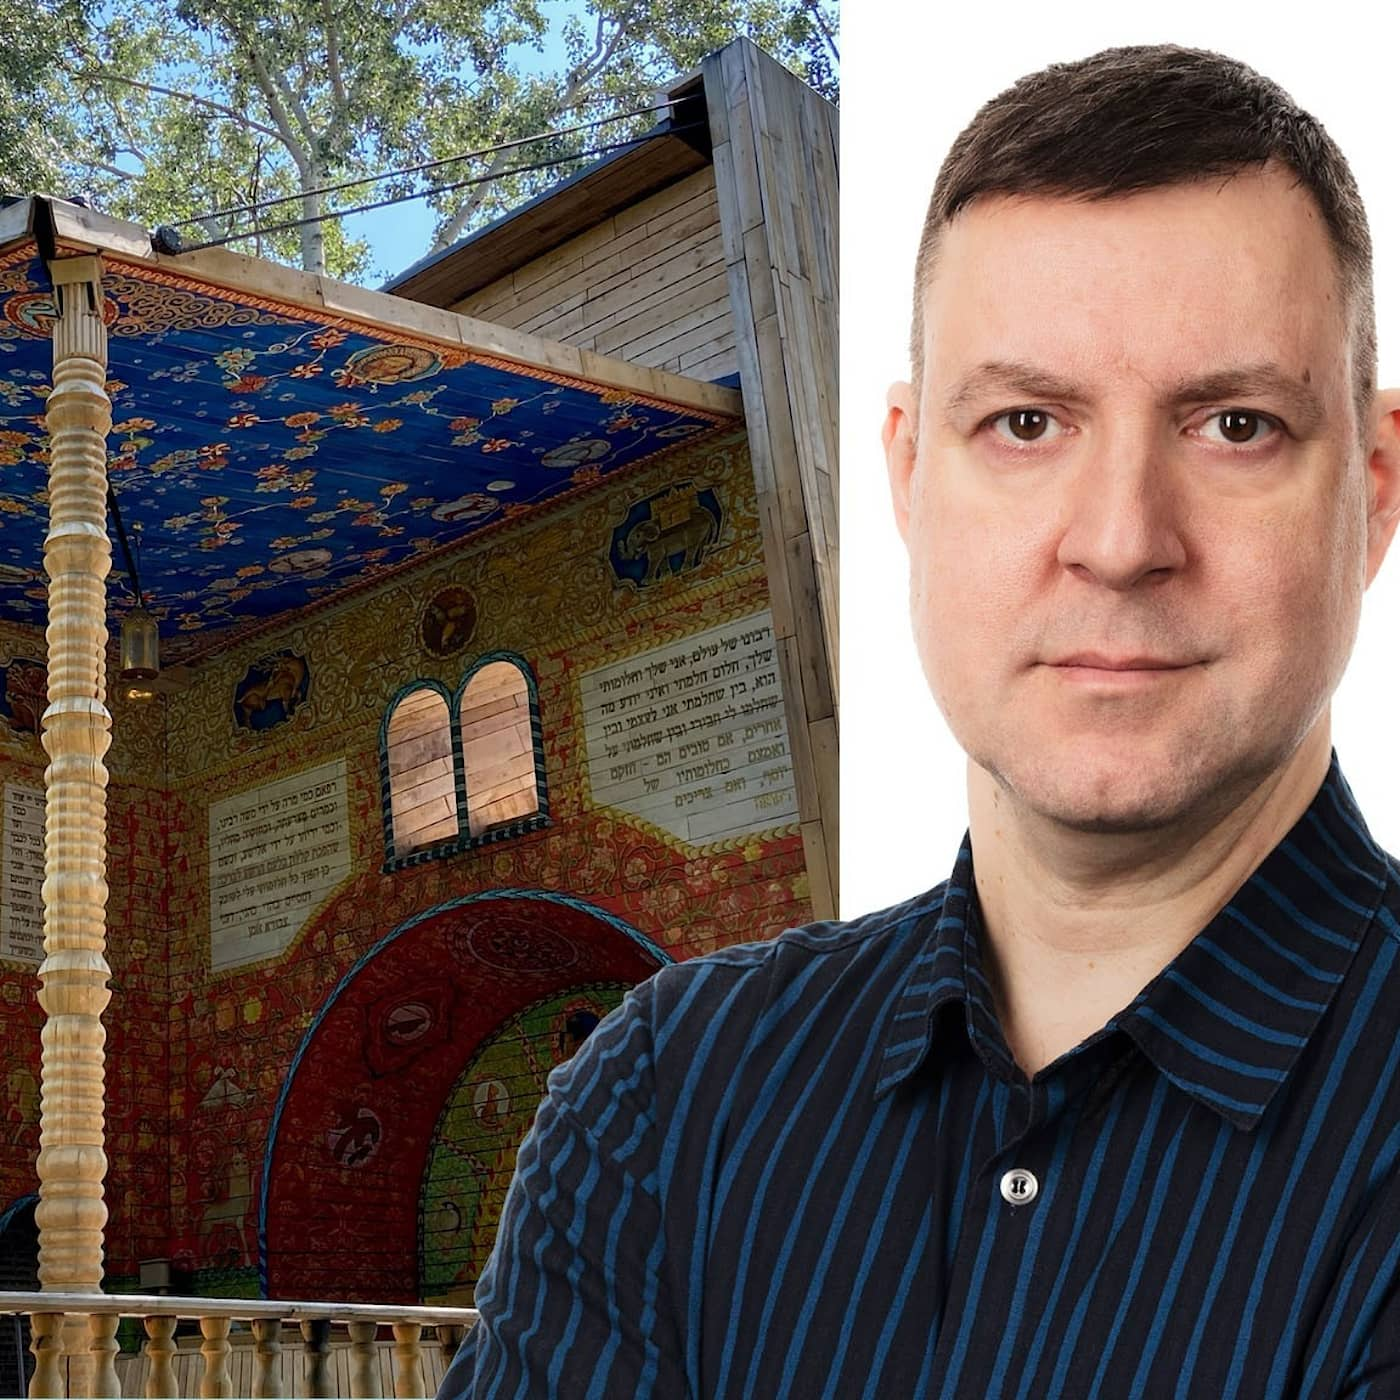 Bok hög som flervåningshus påminner om mörkt kapitel: Fredrik Wadström, Kiev